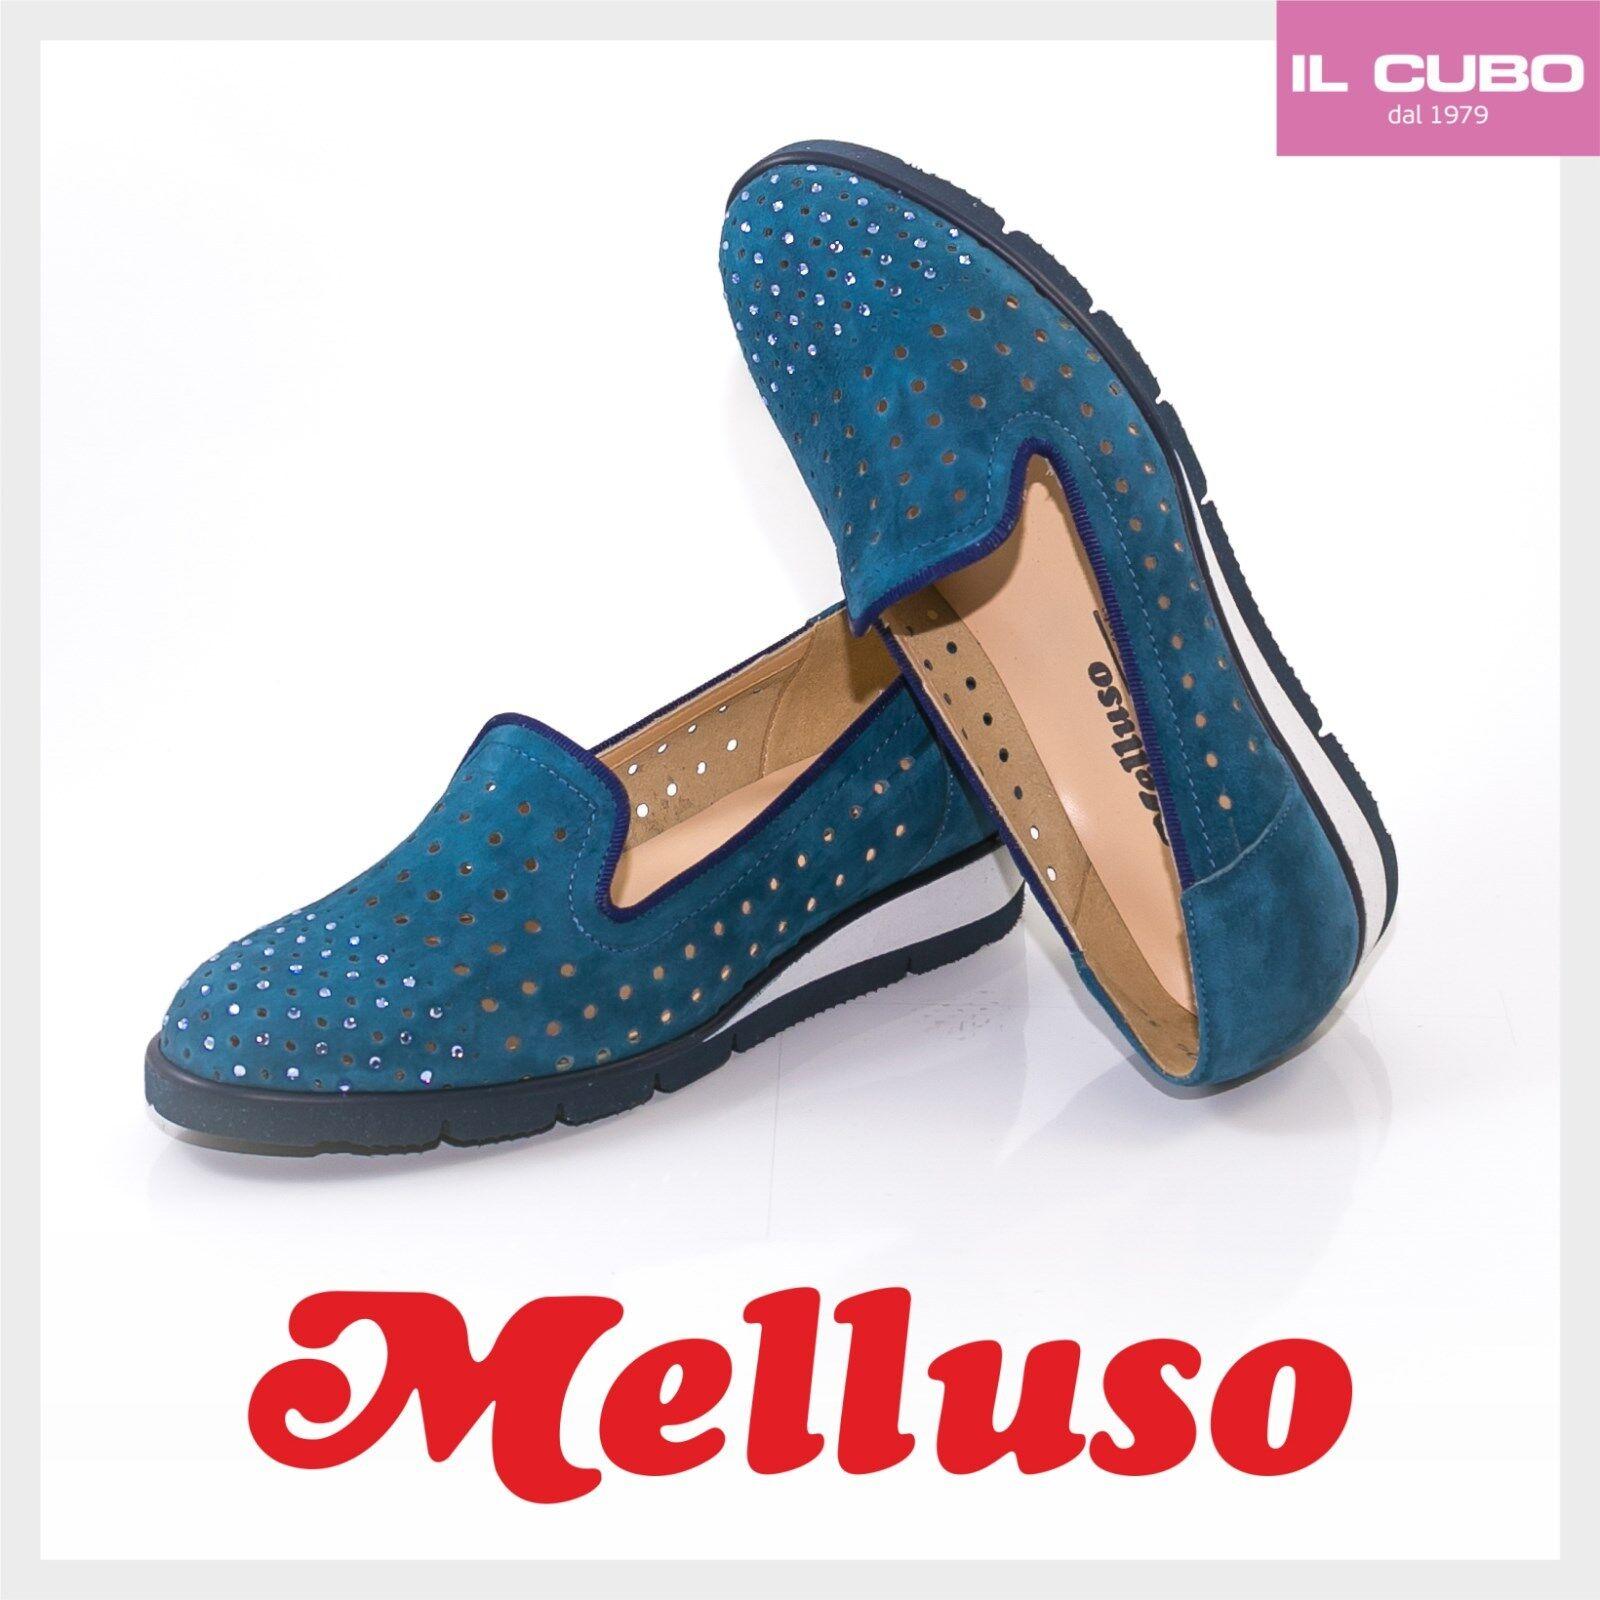 MELLUSO MOCASSINO mujer CAMOSCIO ColorE azul ZEPPA H 2 CM CM CM MADE IN ITALY 70596e